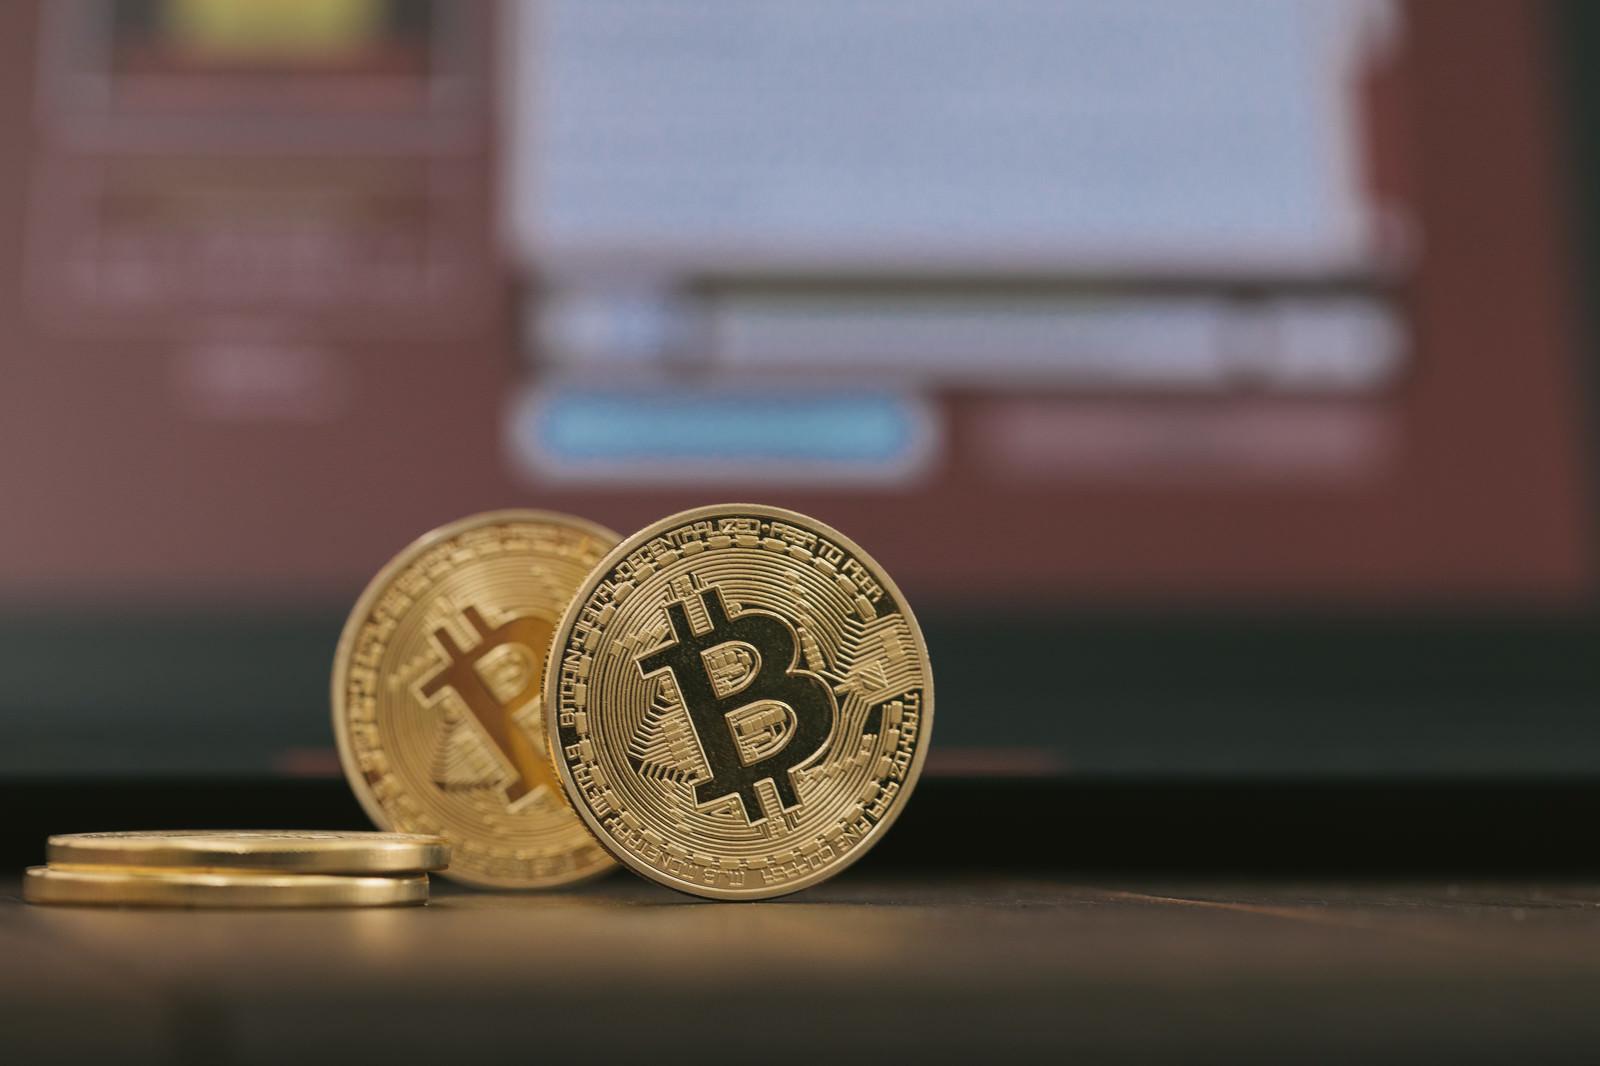 ランサムウェアとビットコインのフリー素材